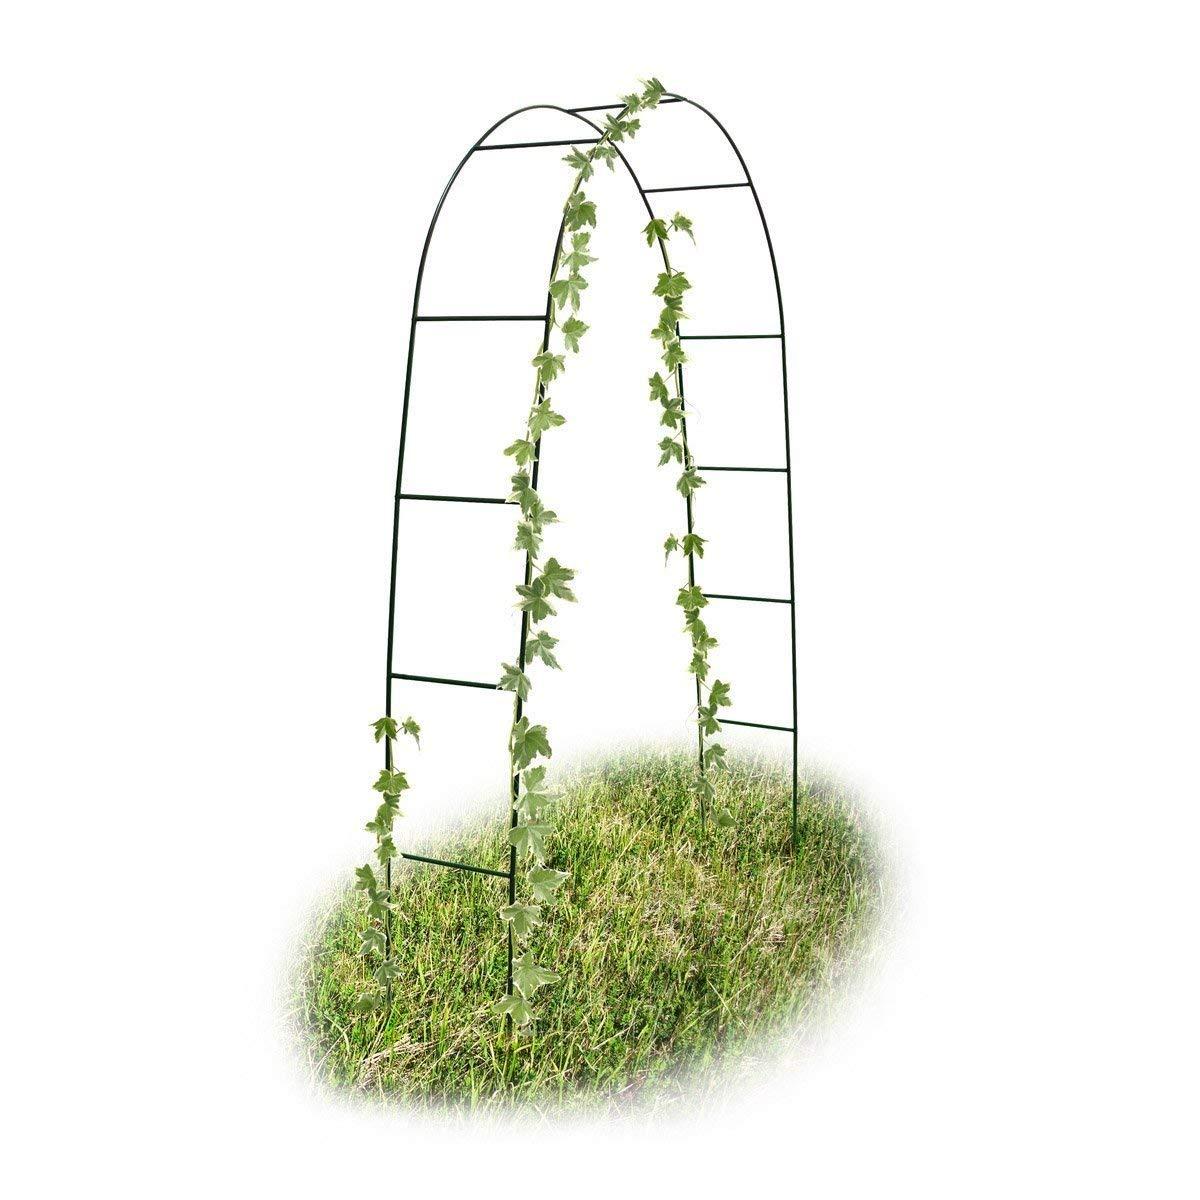 Hamble Green Blade BB-RA100 2m Garden Arch